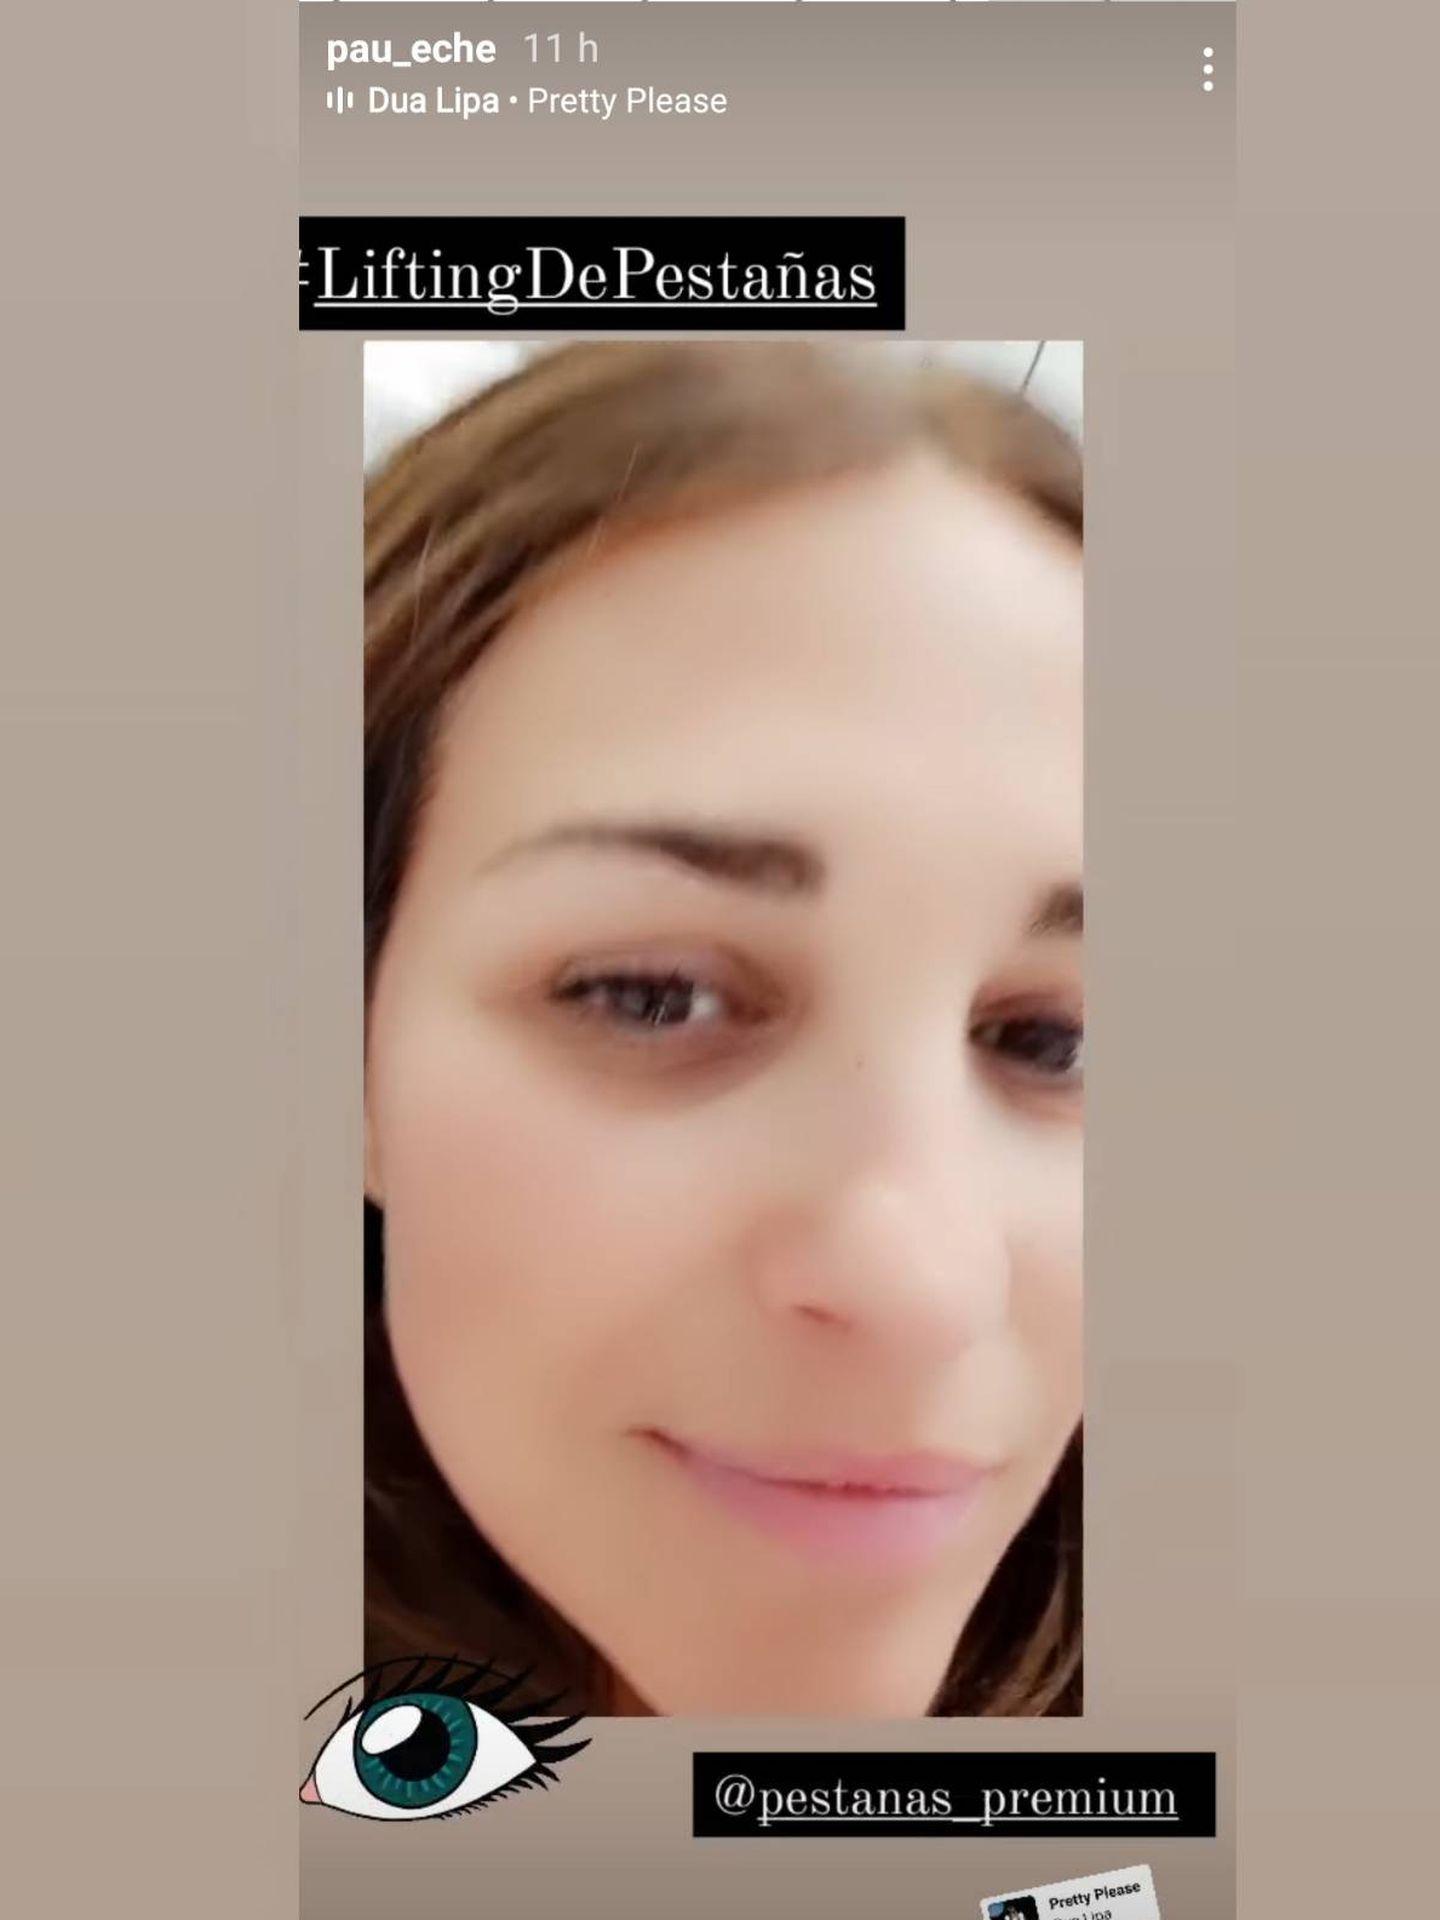 Paula Echevarría muestra el resultado de su lifting de pestañas. (Instagram @pau_eche)